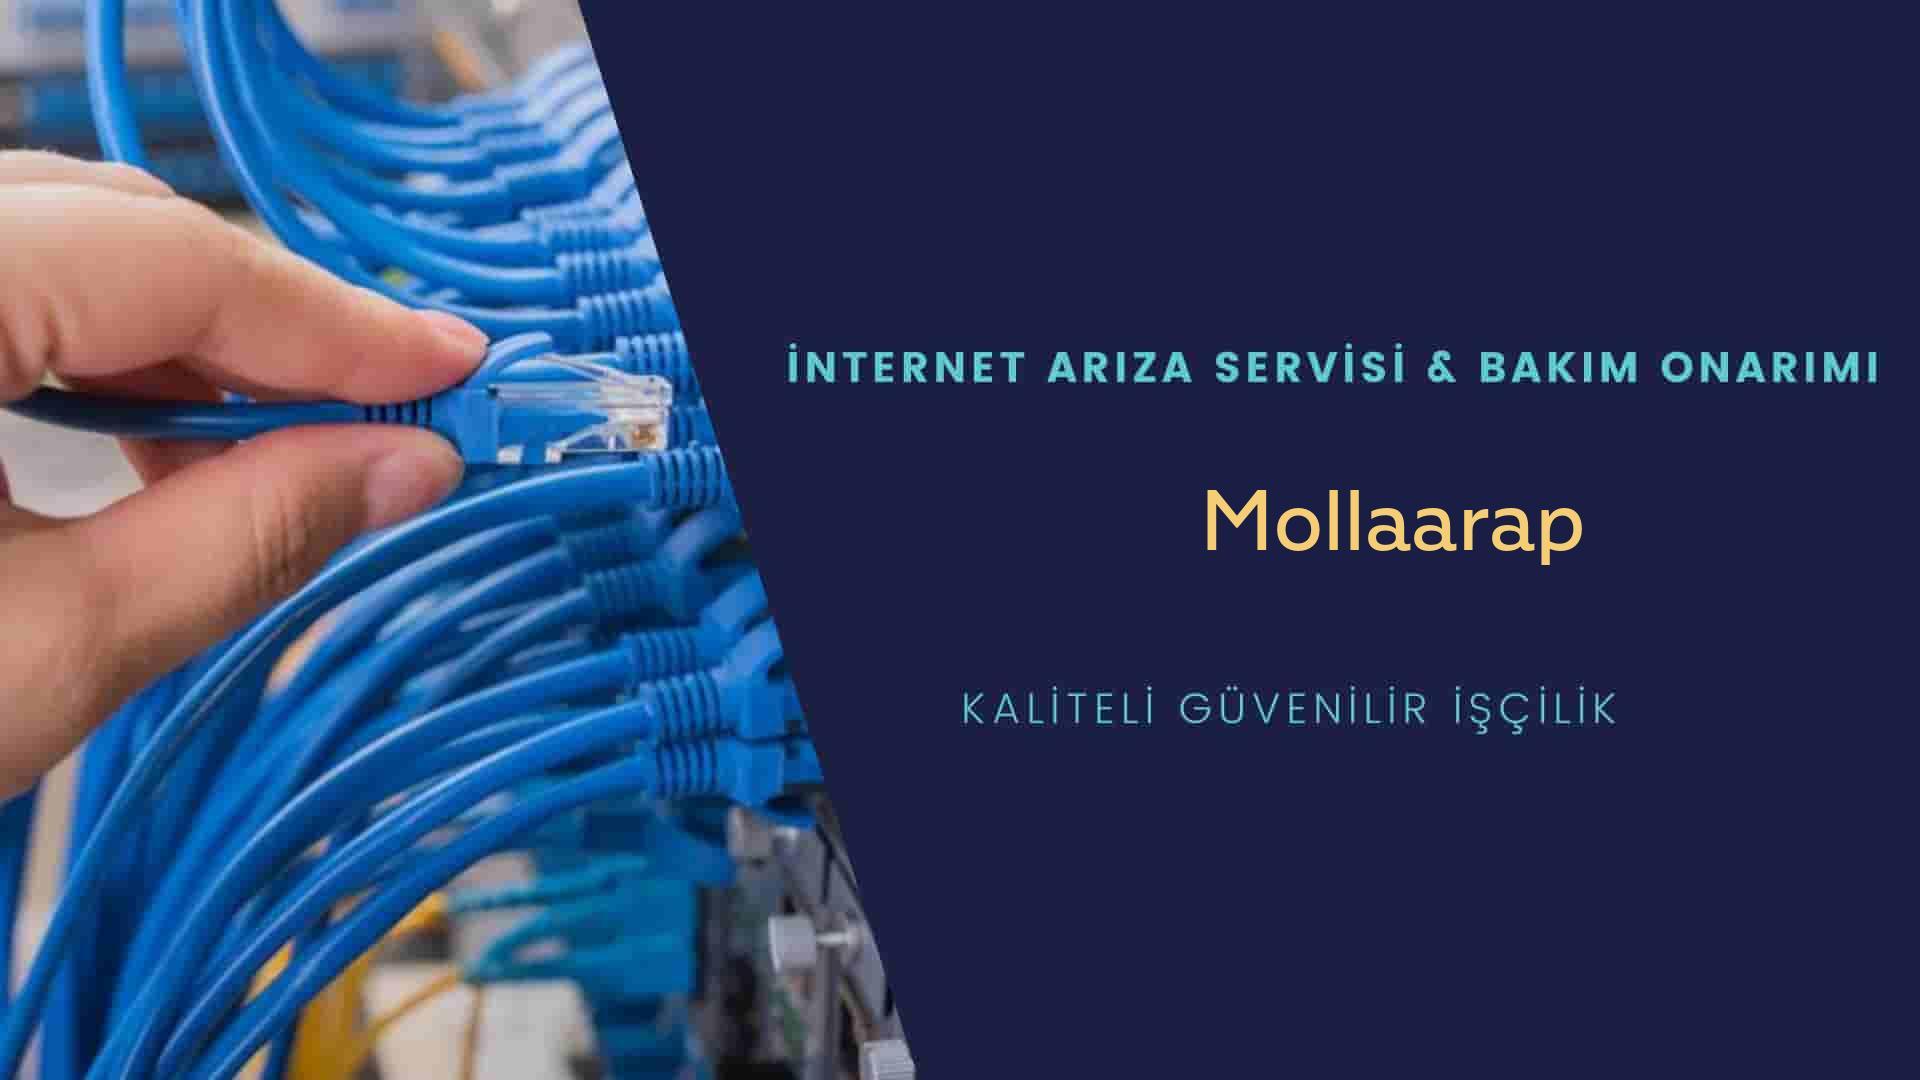 Mollaarap  internet kablosu çekimi yapan yerler veya elektrikçiler mi? arıyorsunuz doğru yerdesiniz o zaman sizlere 7/24 yardımcı olacak profesyonel ustalarımız bir telefon kadar yakındır size.